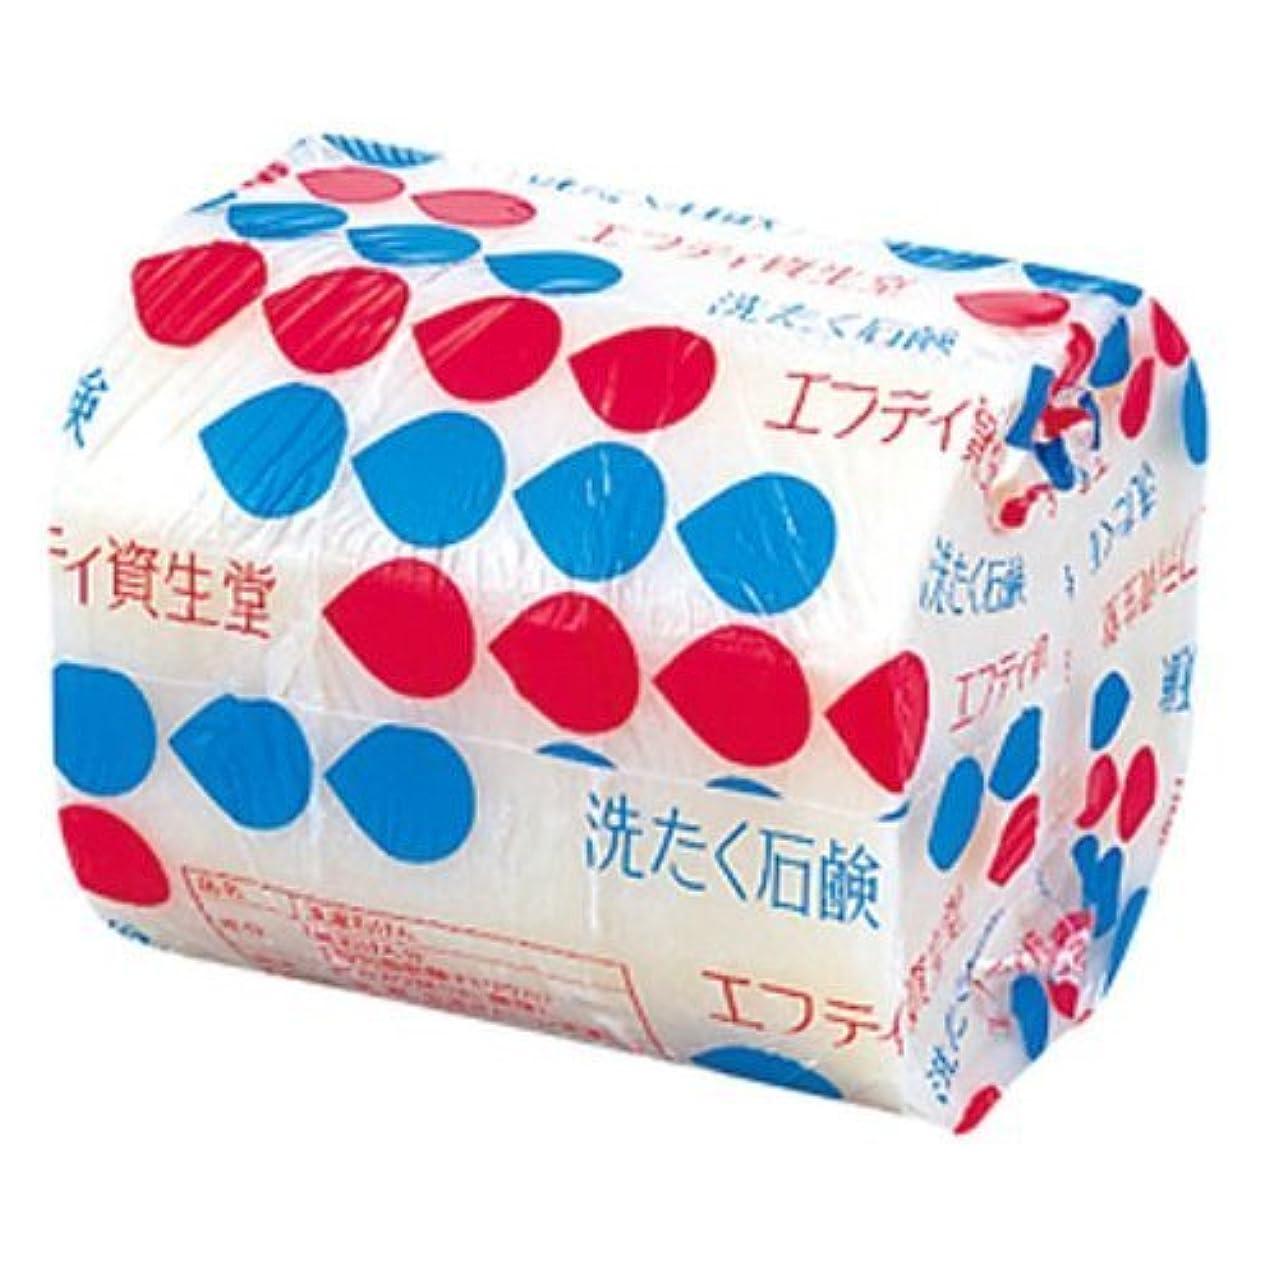 火山累積評価可能【資生堂】エフティ資生堂洗たく石鹸花椿型3コパック200g